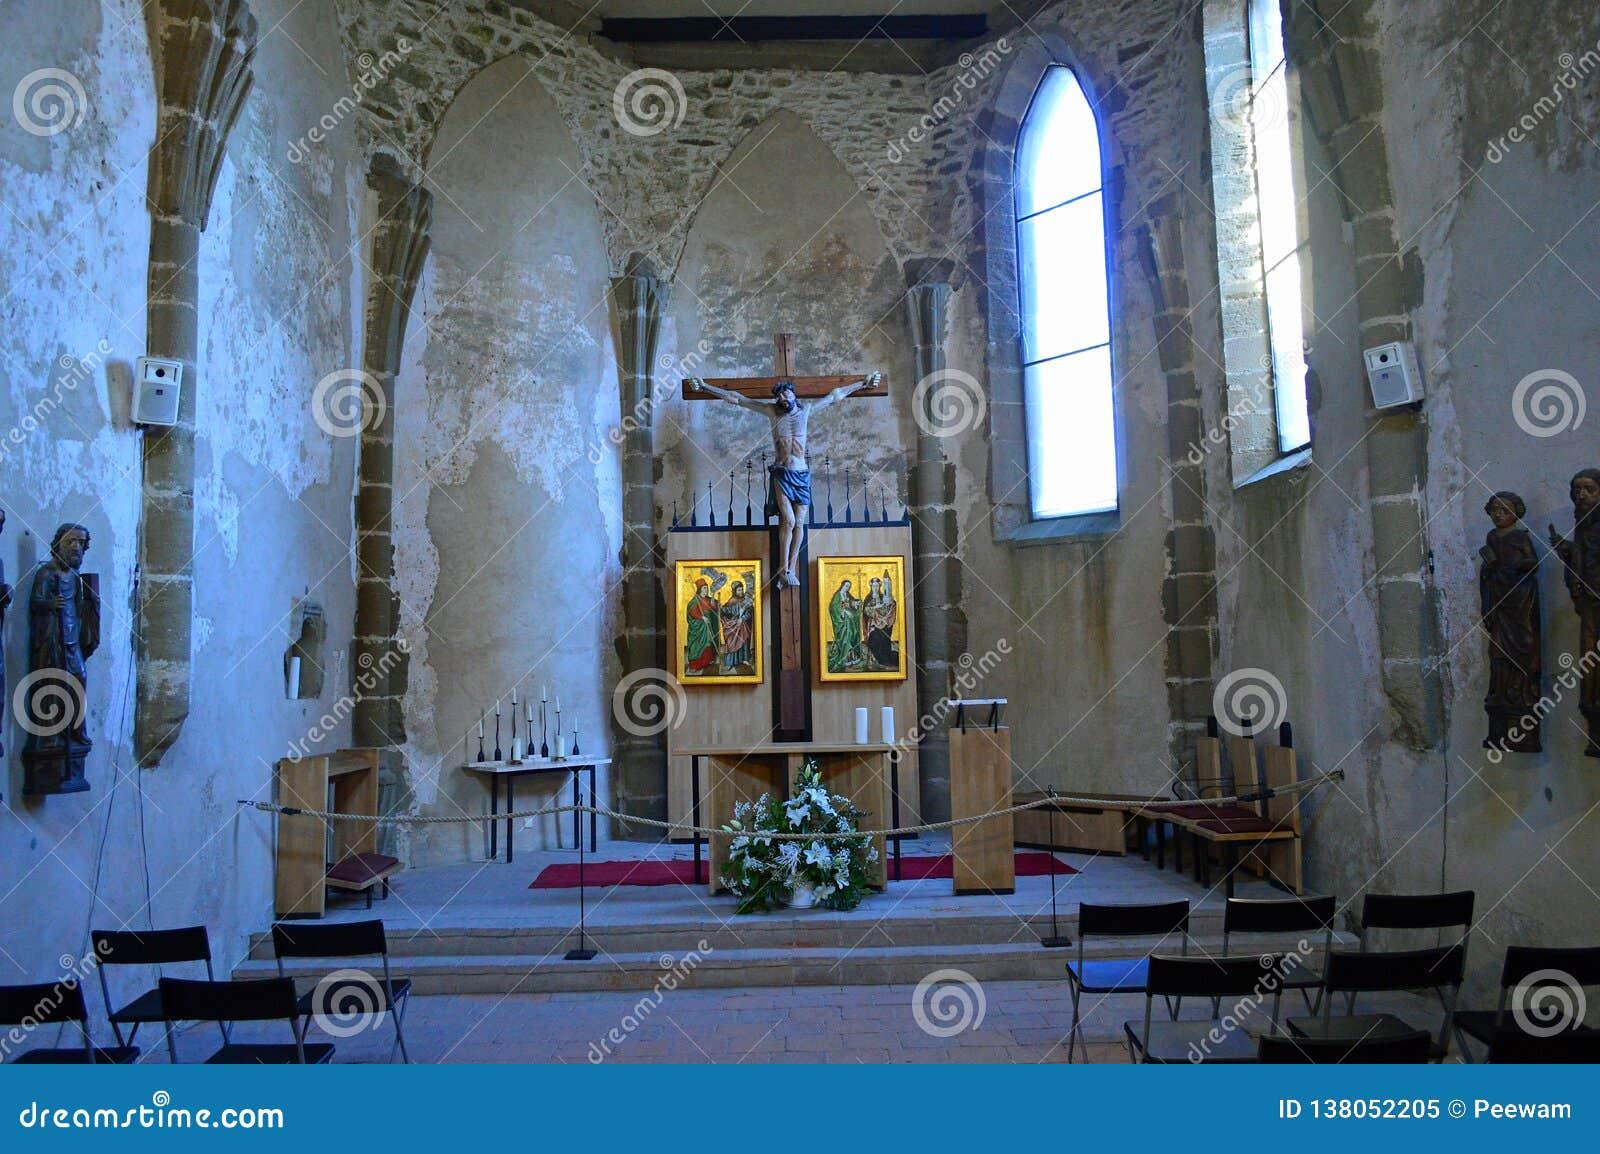 Spis Castle Spišský hrad interior view - chapel